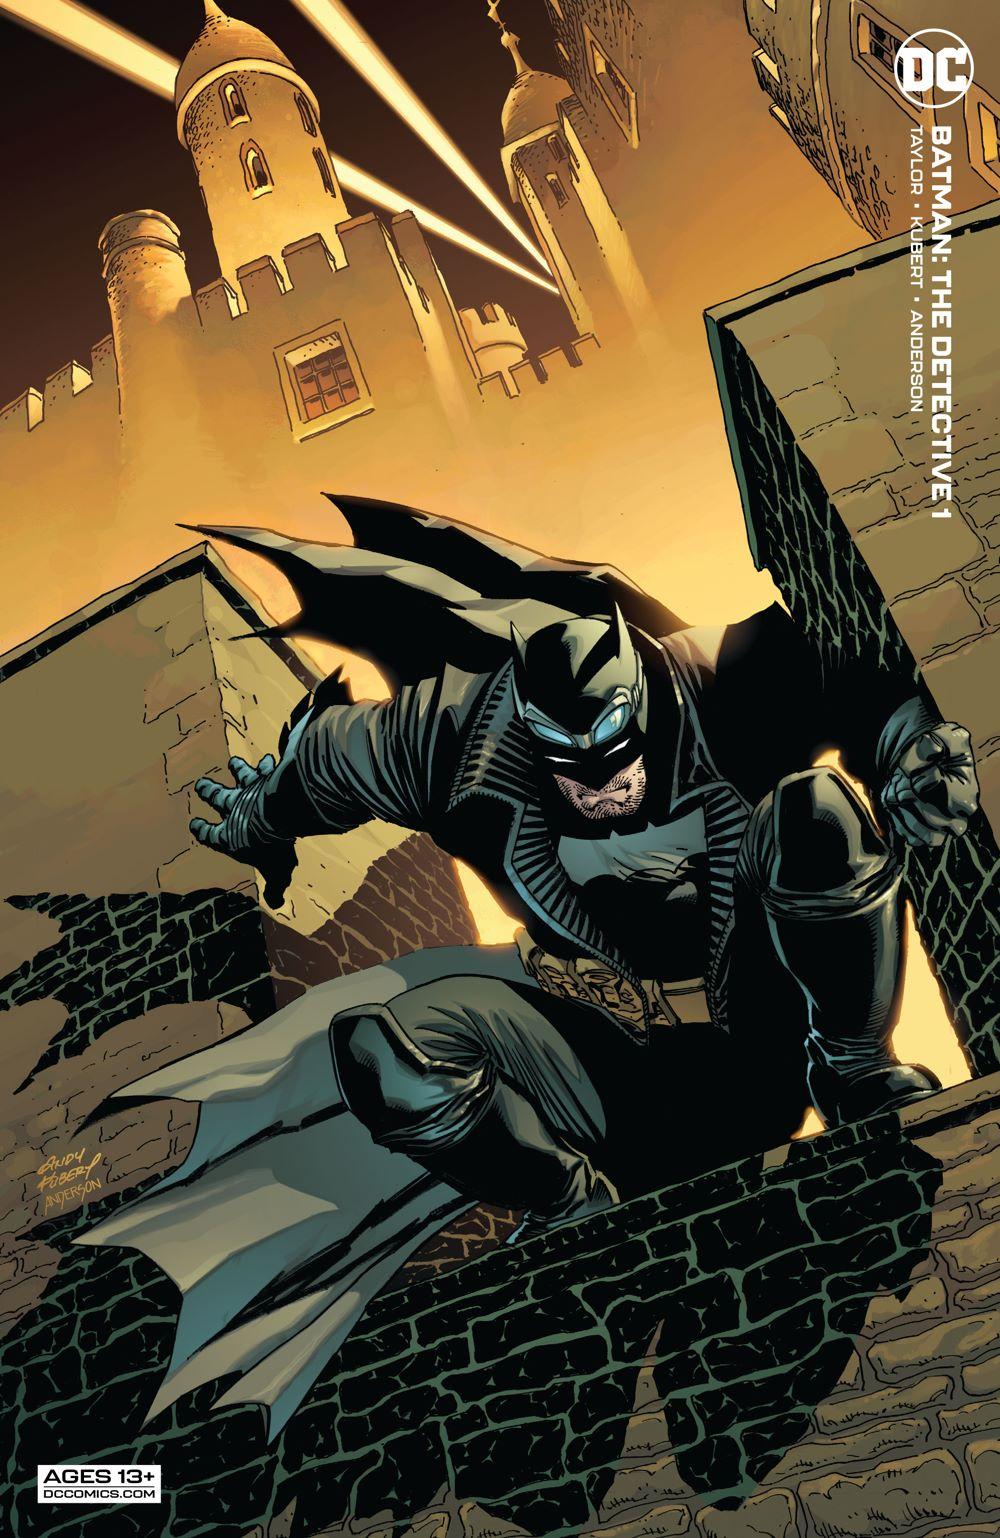 BM_DET_01-2_6070a8da552435.16115198 ComicList Previews: BATMAN THE DETECTIVE #1 (OF 6)